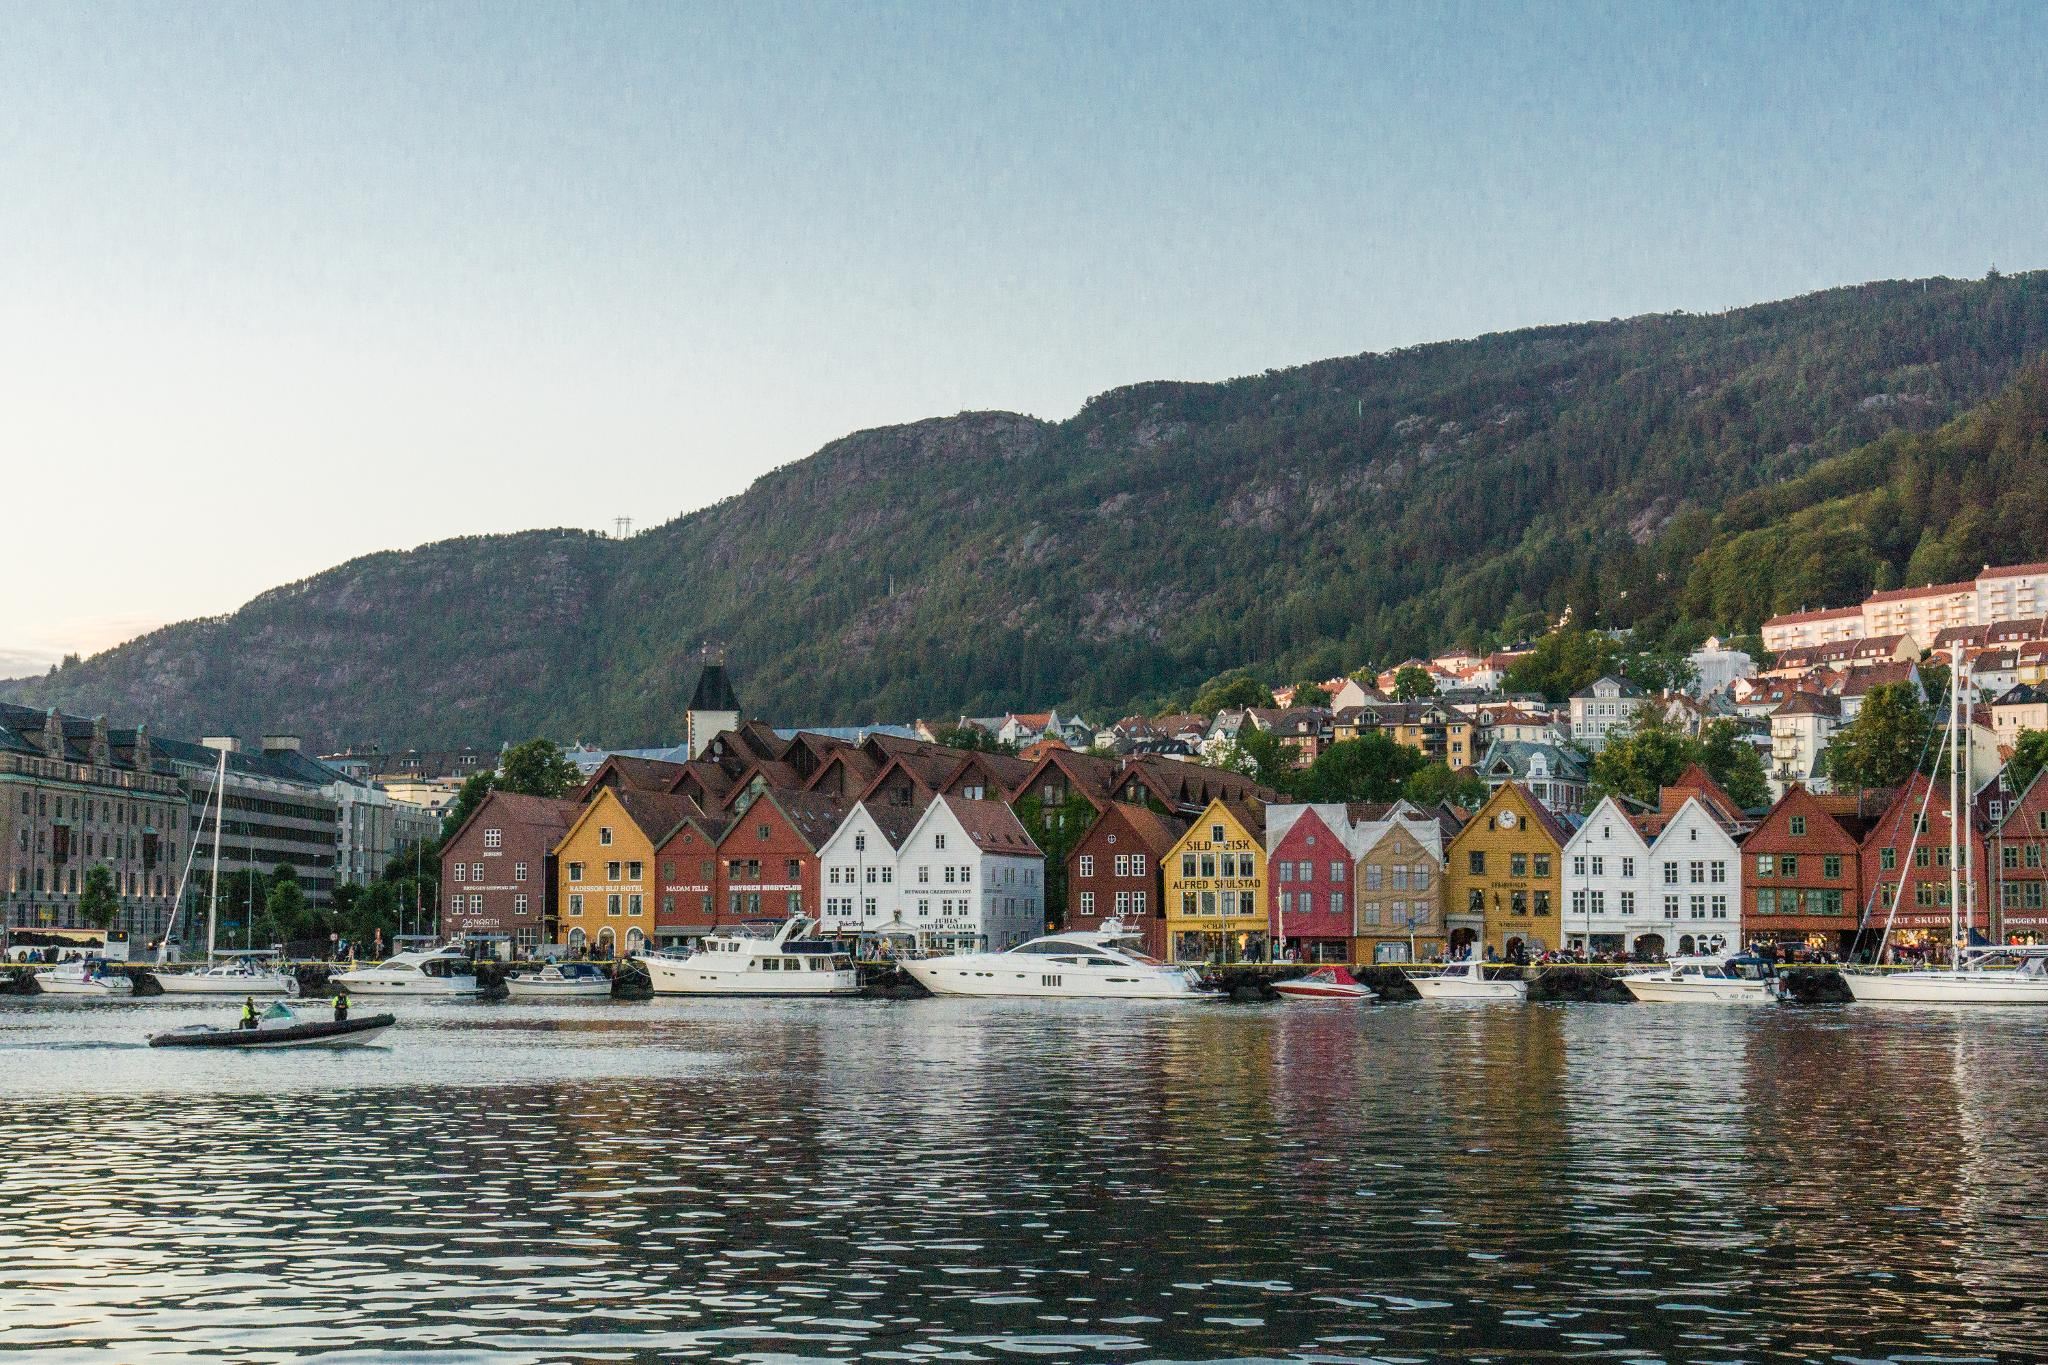 【卑爾根】Fløyen 佛洛伊恩山纜車與觀景台 — 擁抱文化港都的百萬美景 114